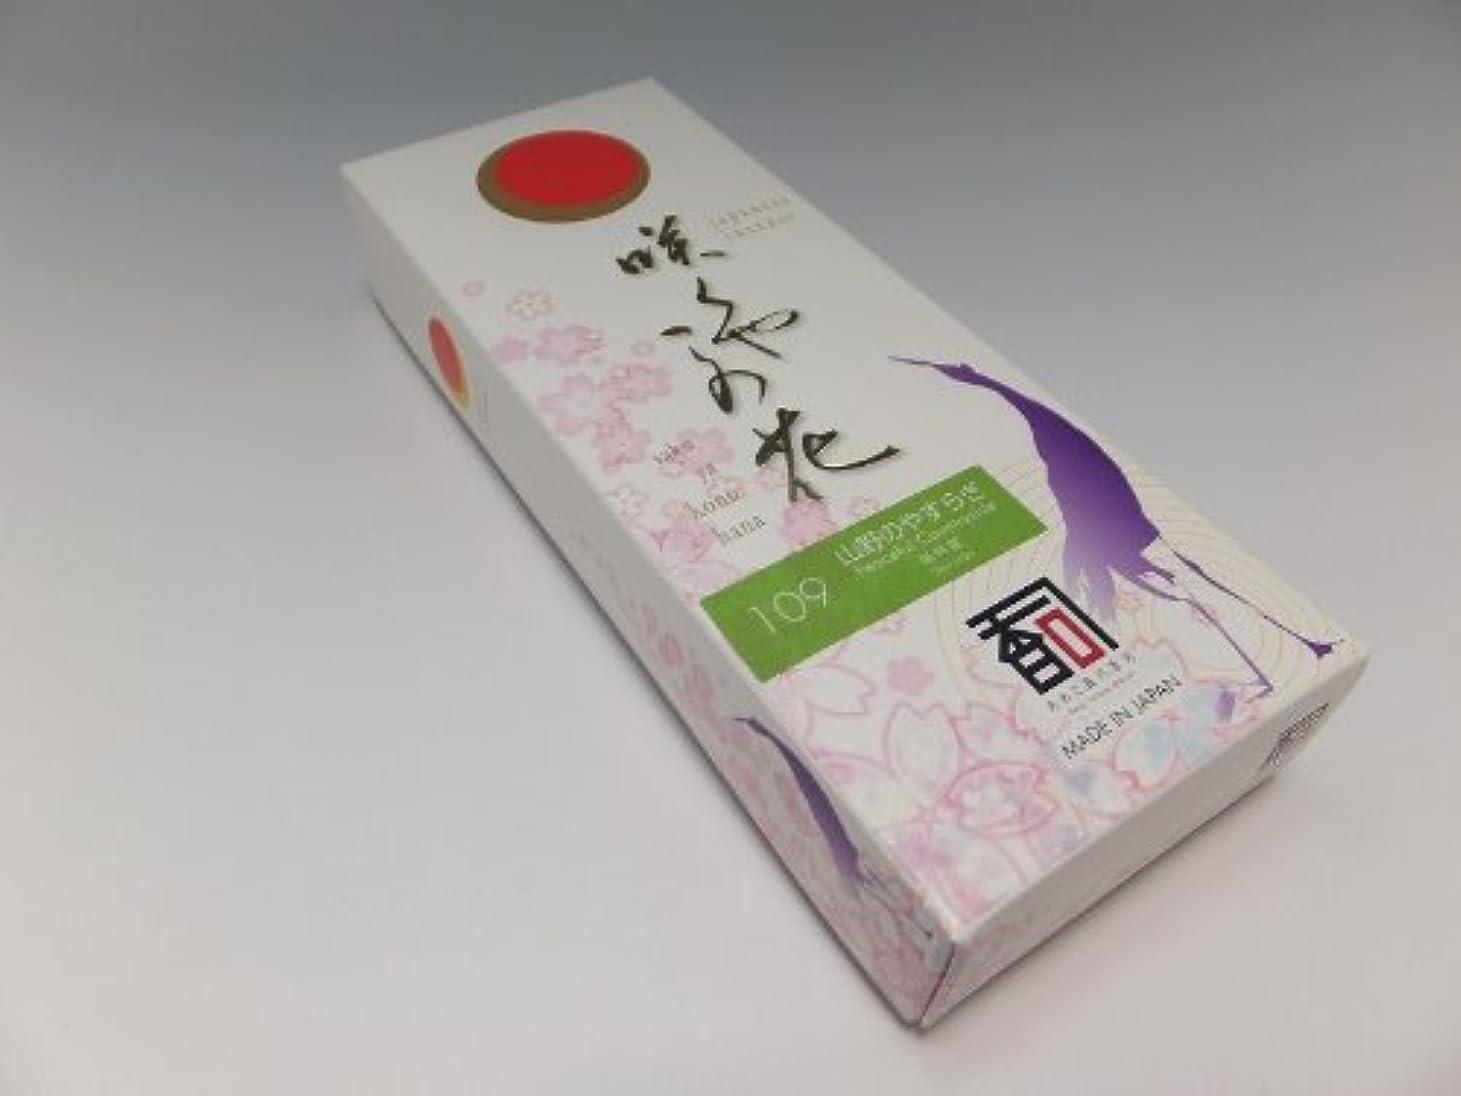 失敗サルベージ無数の「あわじ島の香司」 日本の香りシリーズ  [咲くや この花] 【109】 山野のやすらぎ (有煙)